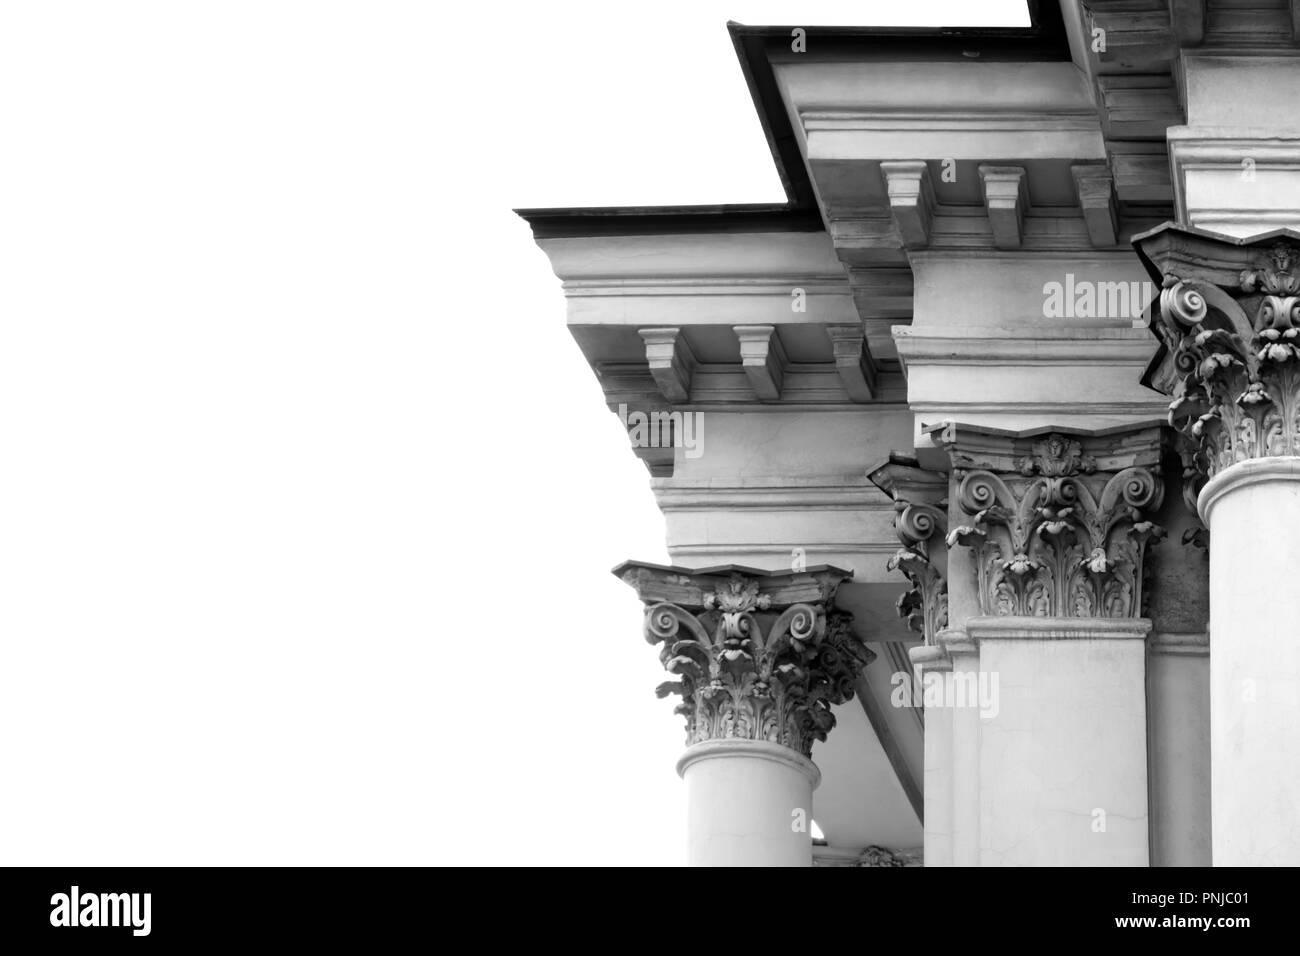 Ornée de colonnes et corniches vieux bâtiment dans un style classique, décoloré, isolé sur fond blanc Photo Stock